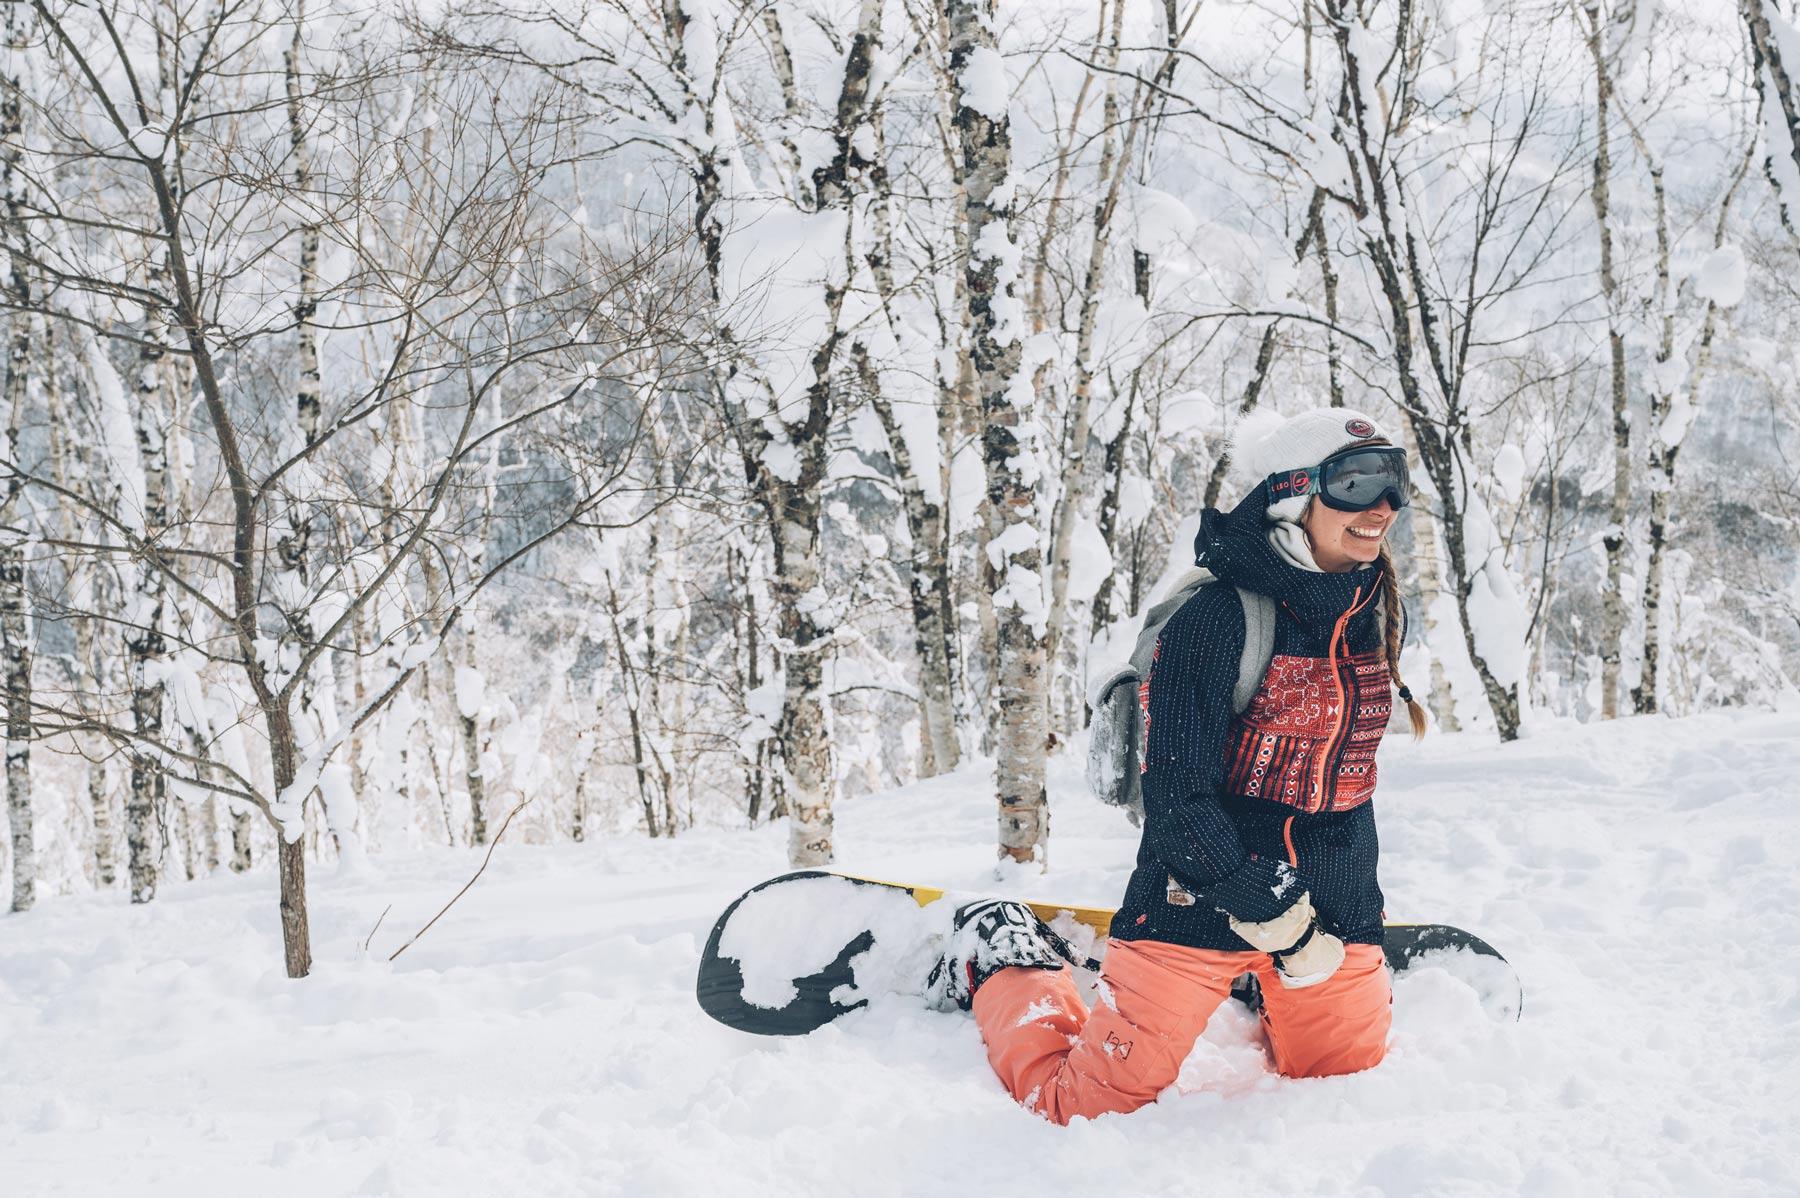 Burton Snowboard Japon